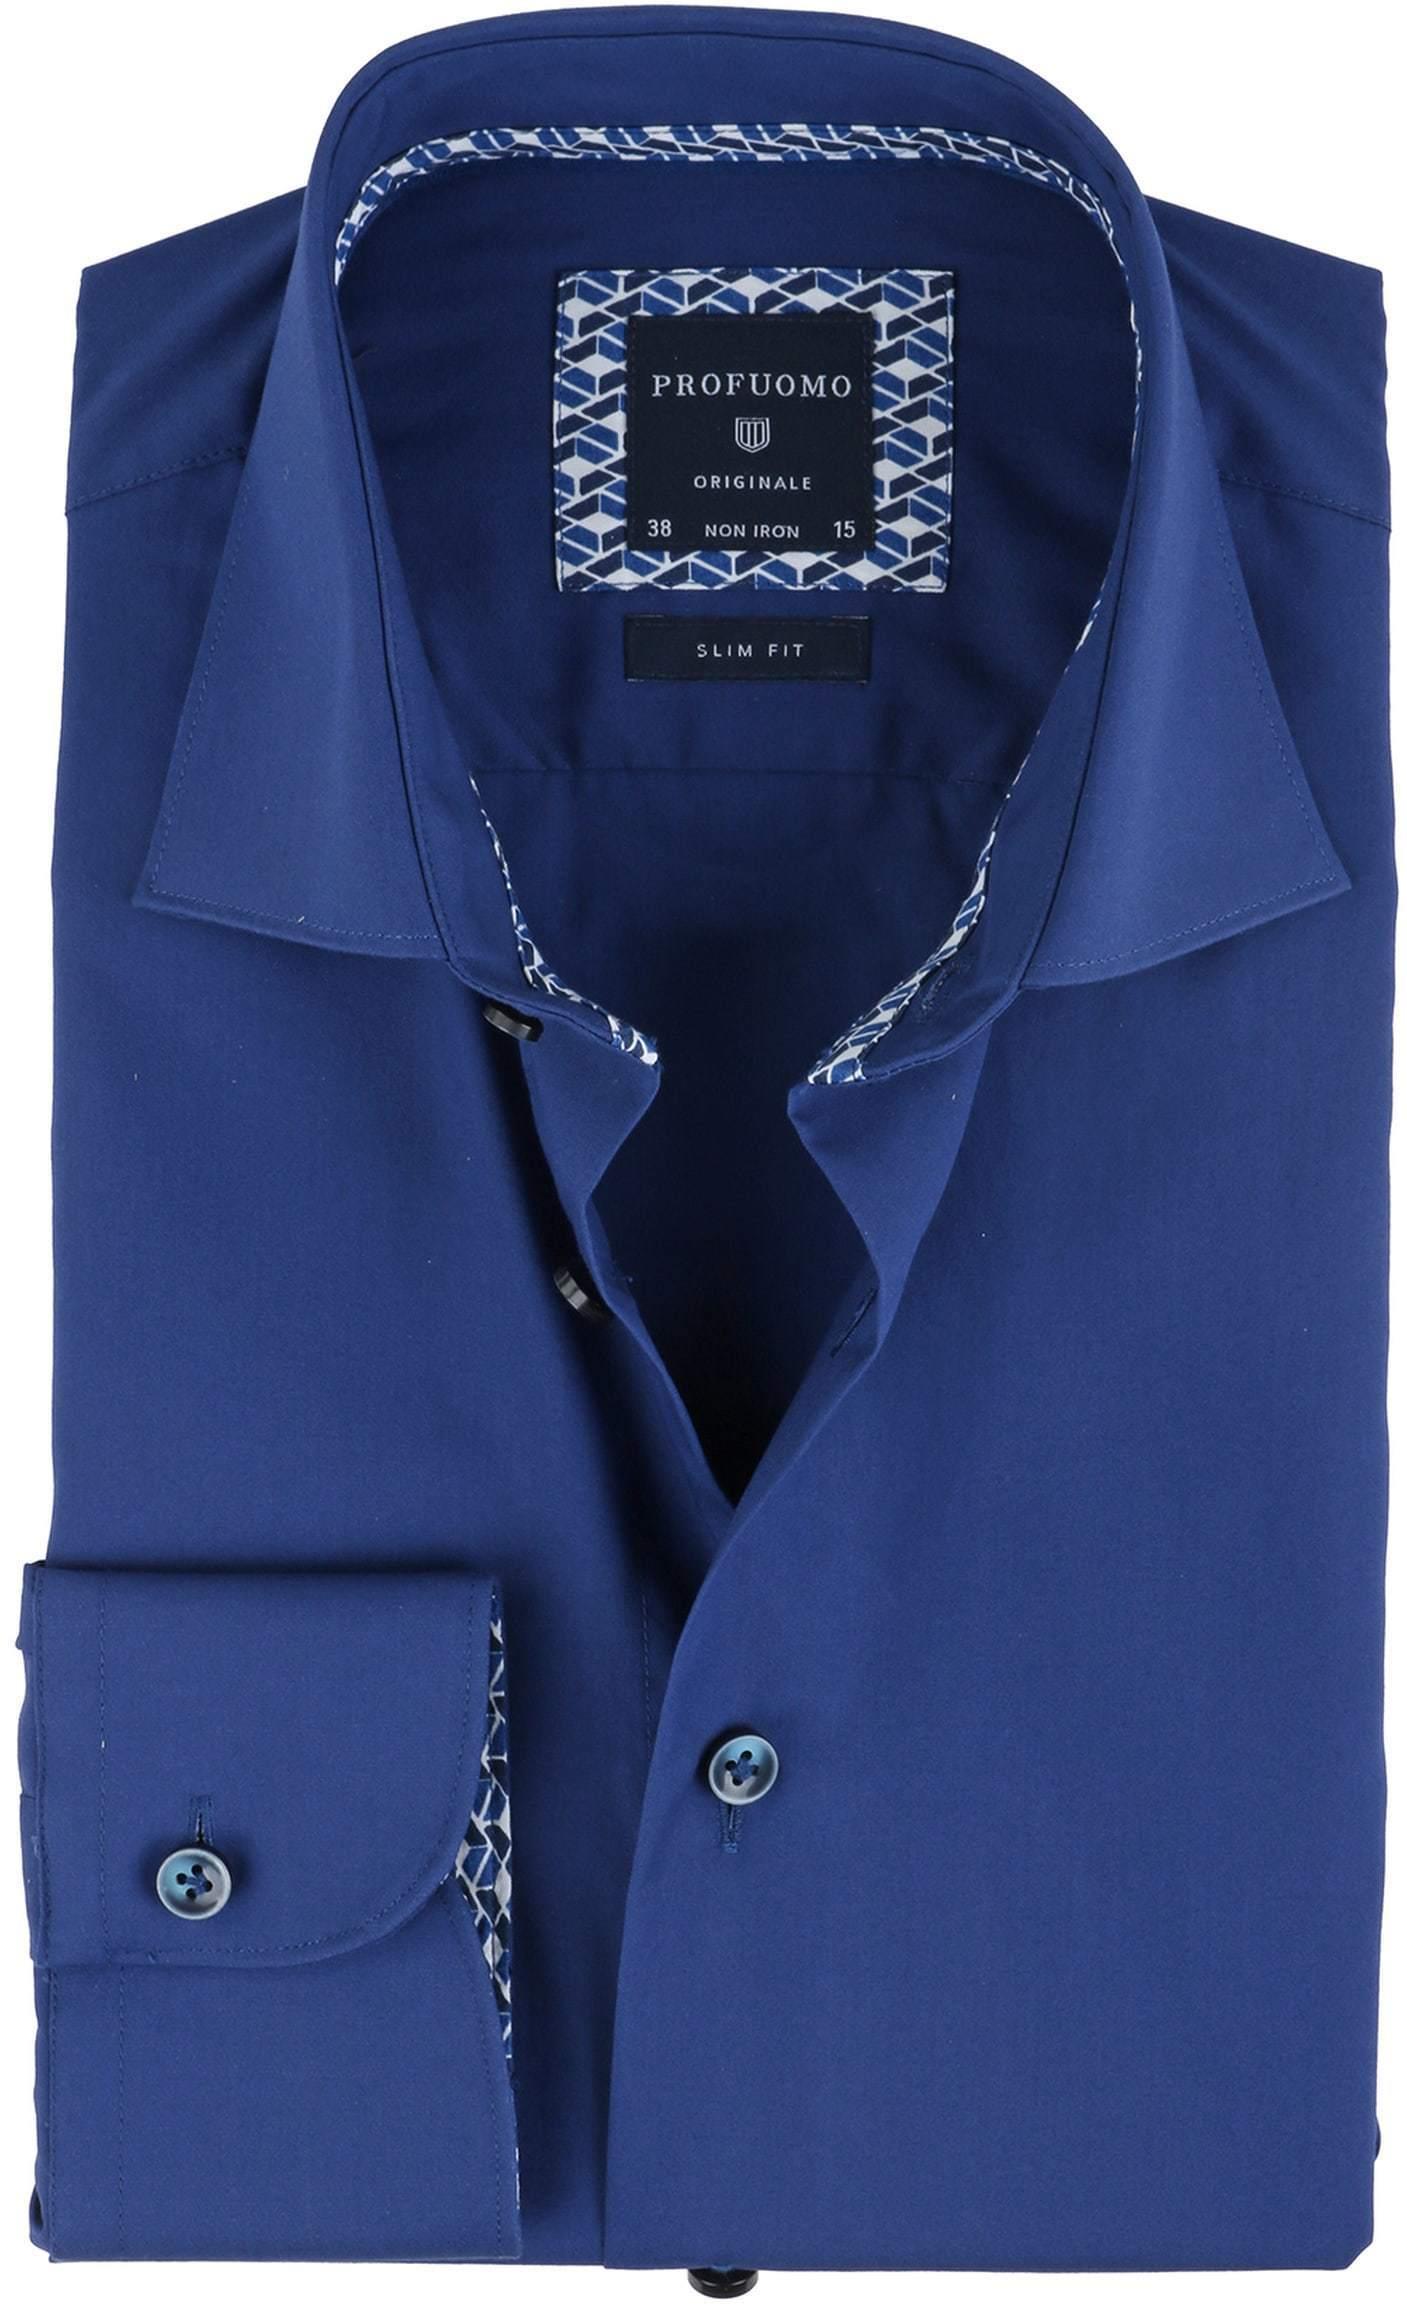 Profuomo Overhemd Uni Blauw Non Iron foto 0